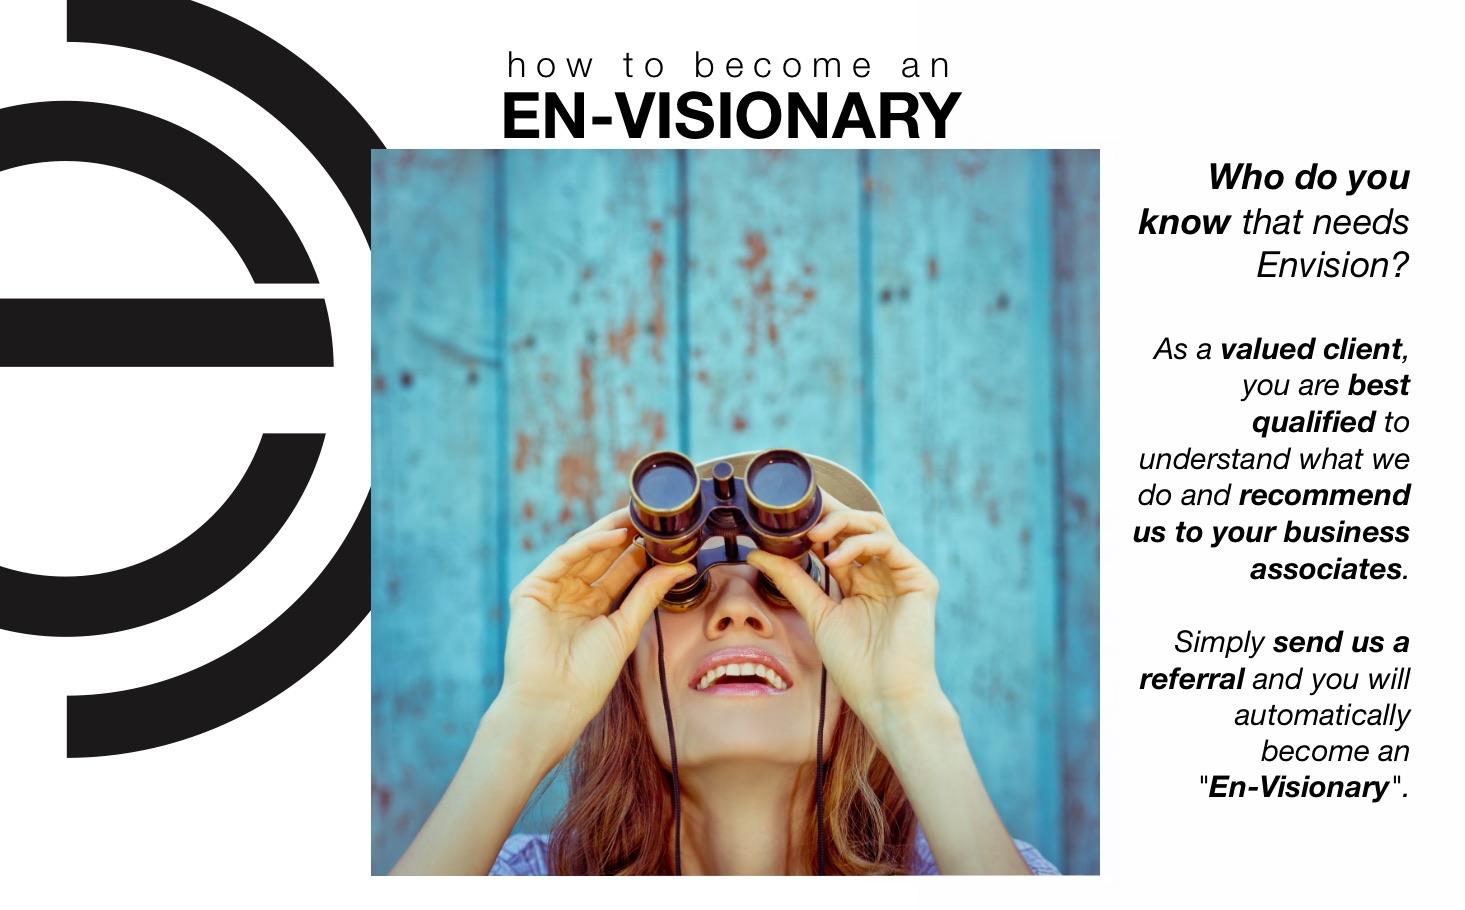 envisionary front 01 slide.jpg